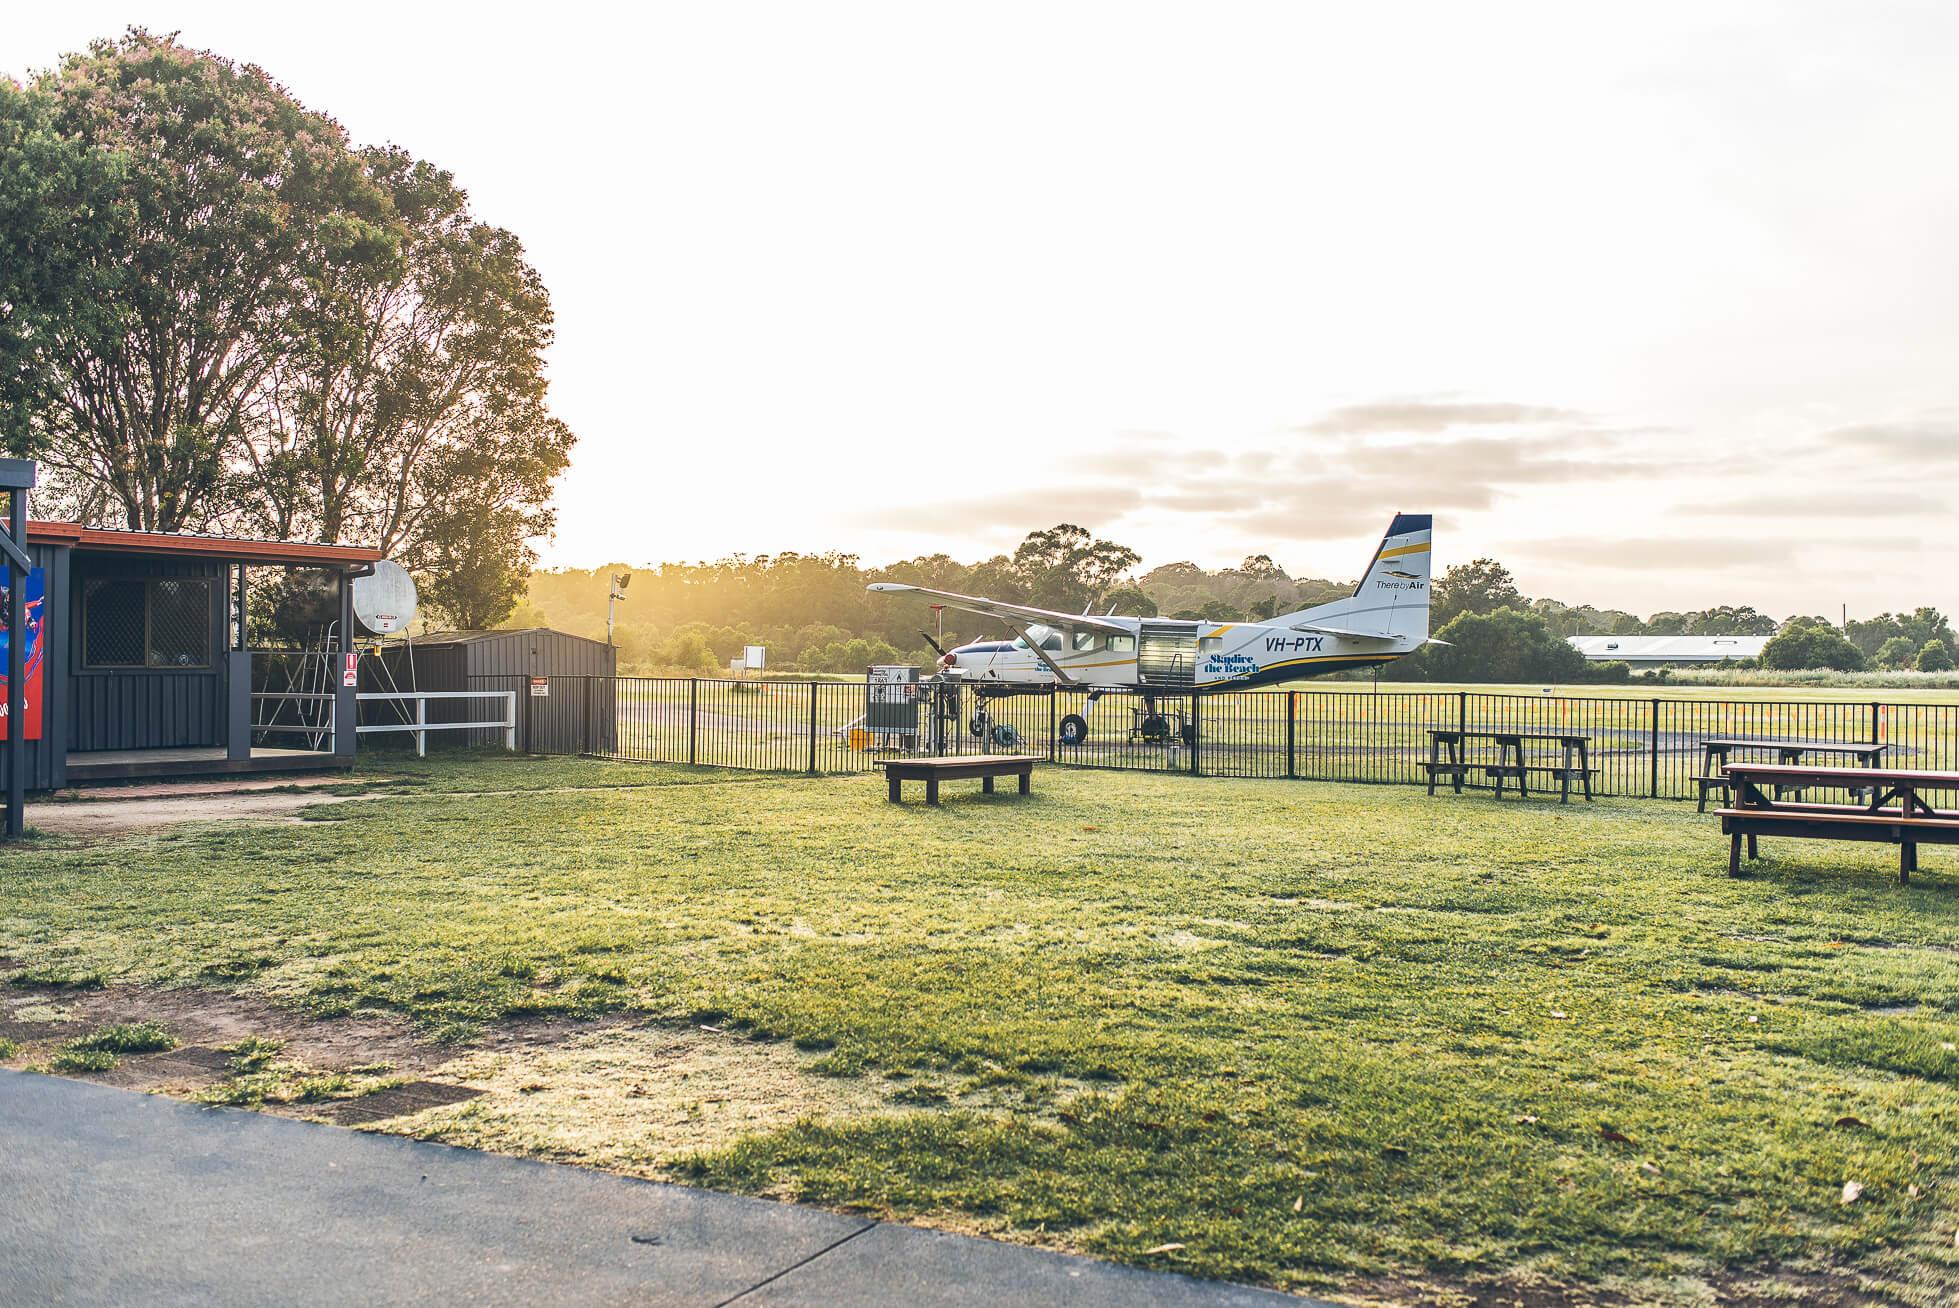 janni-deler-skydiveDSC_3613